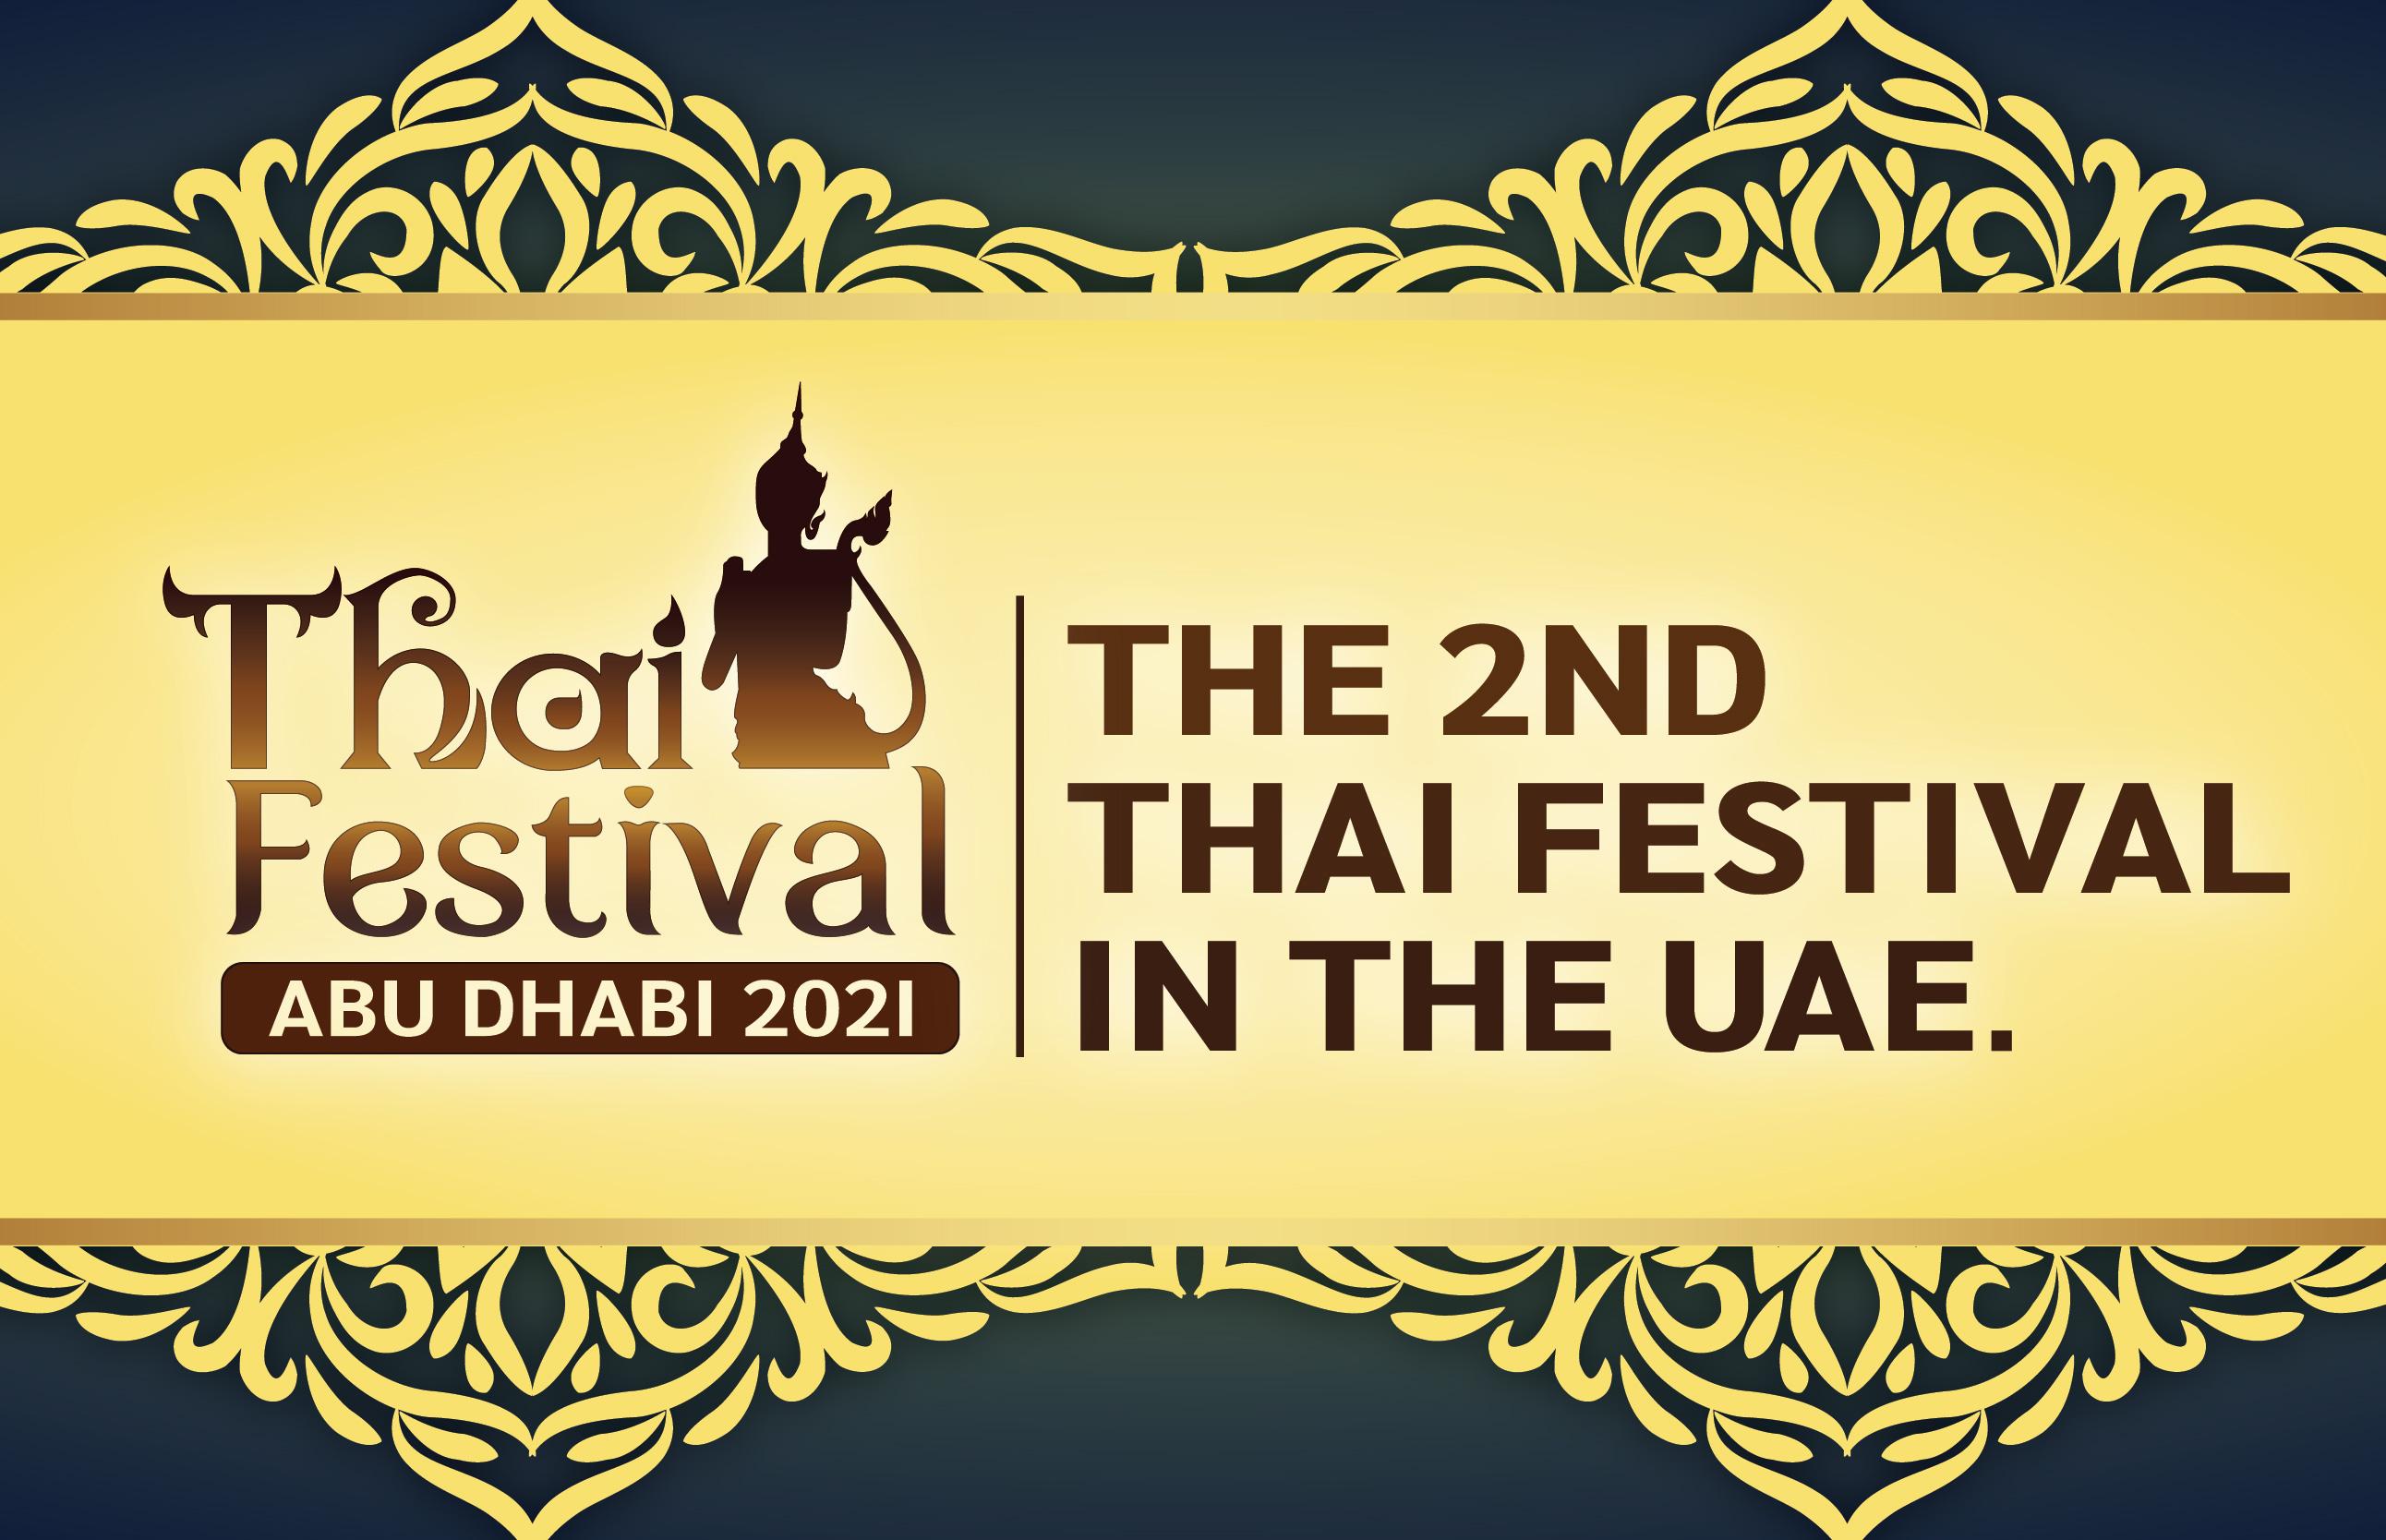 THAI FESTIVAL DUBAI 2021 2ND